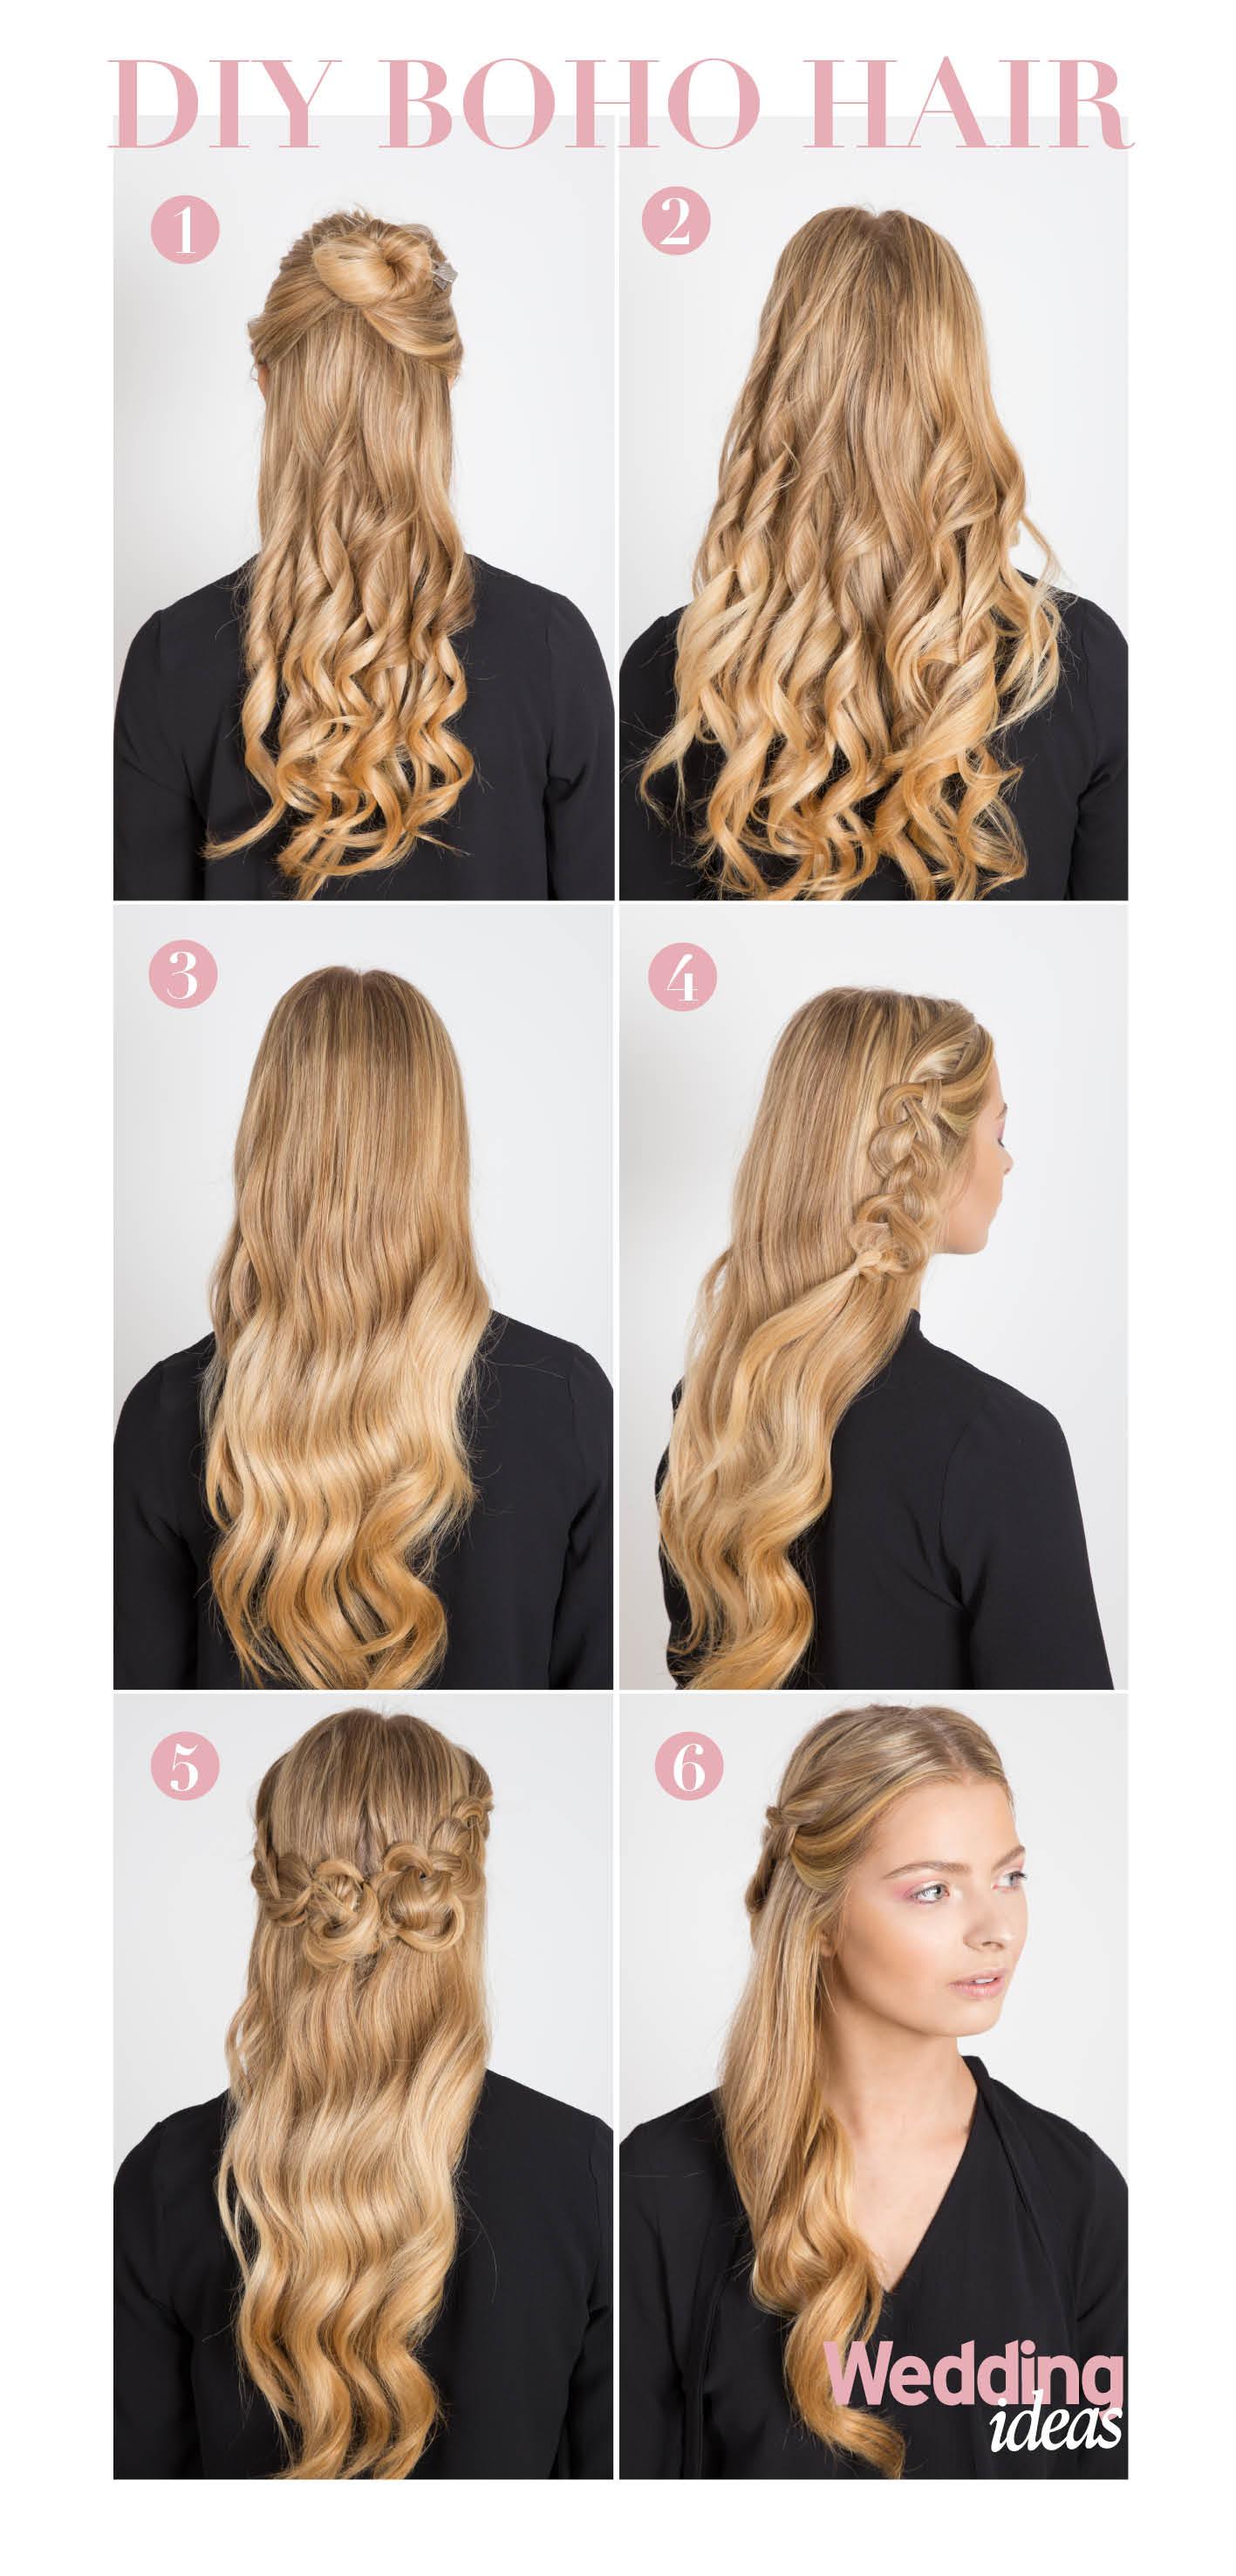 diy-boho-hair-5